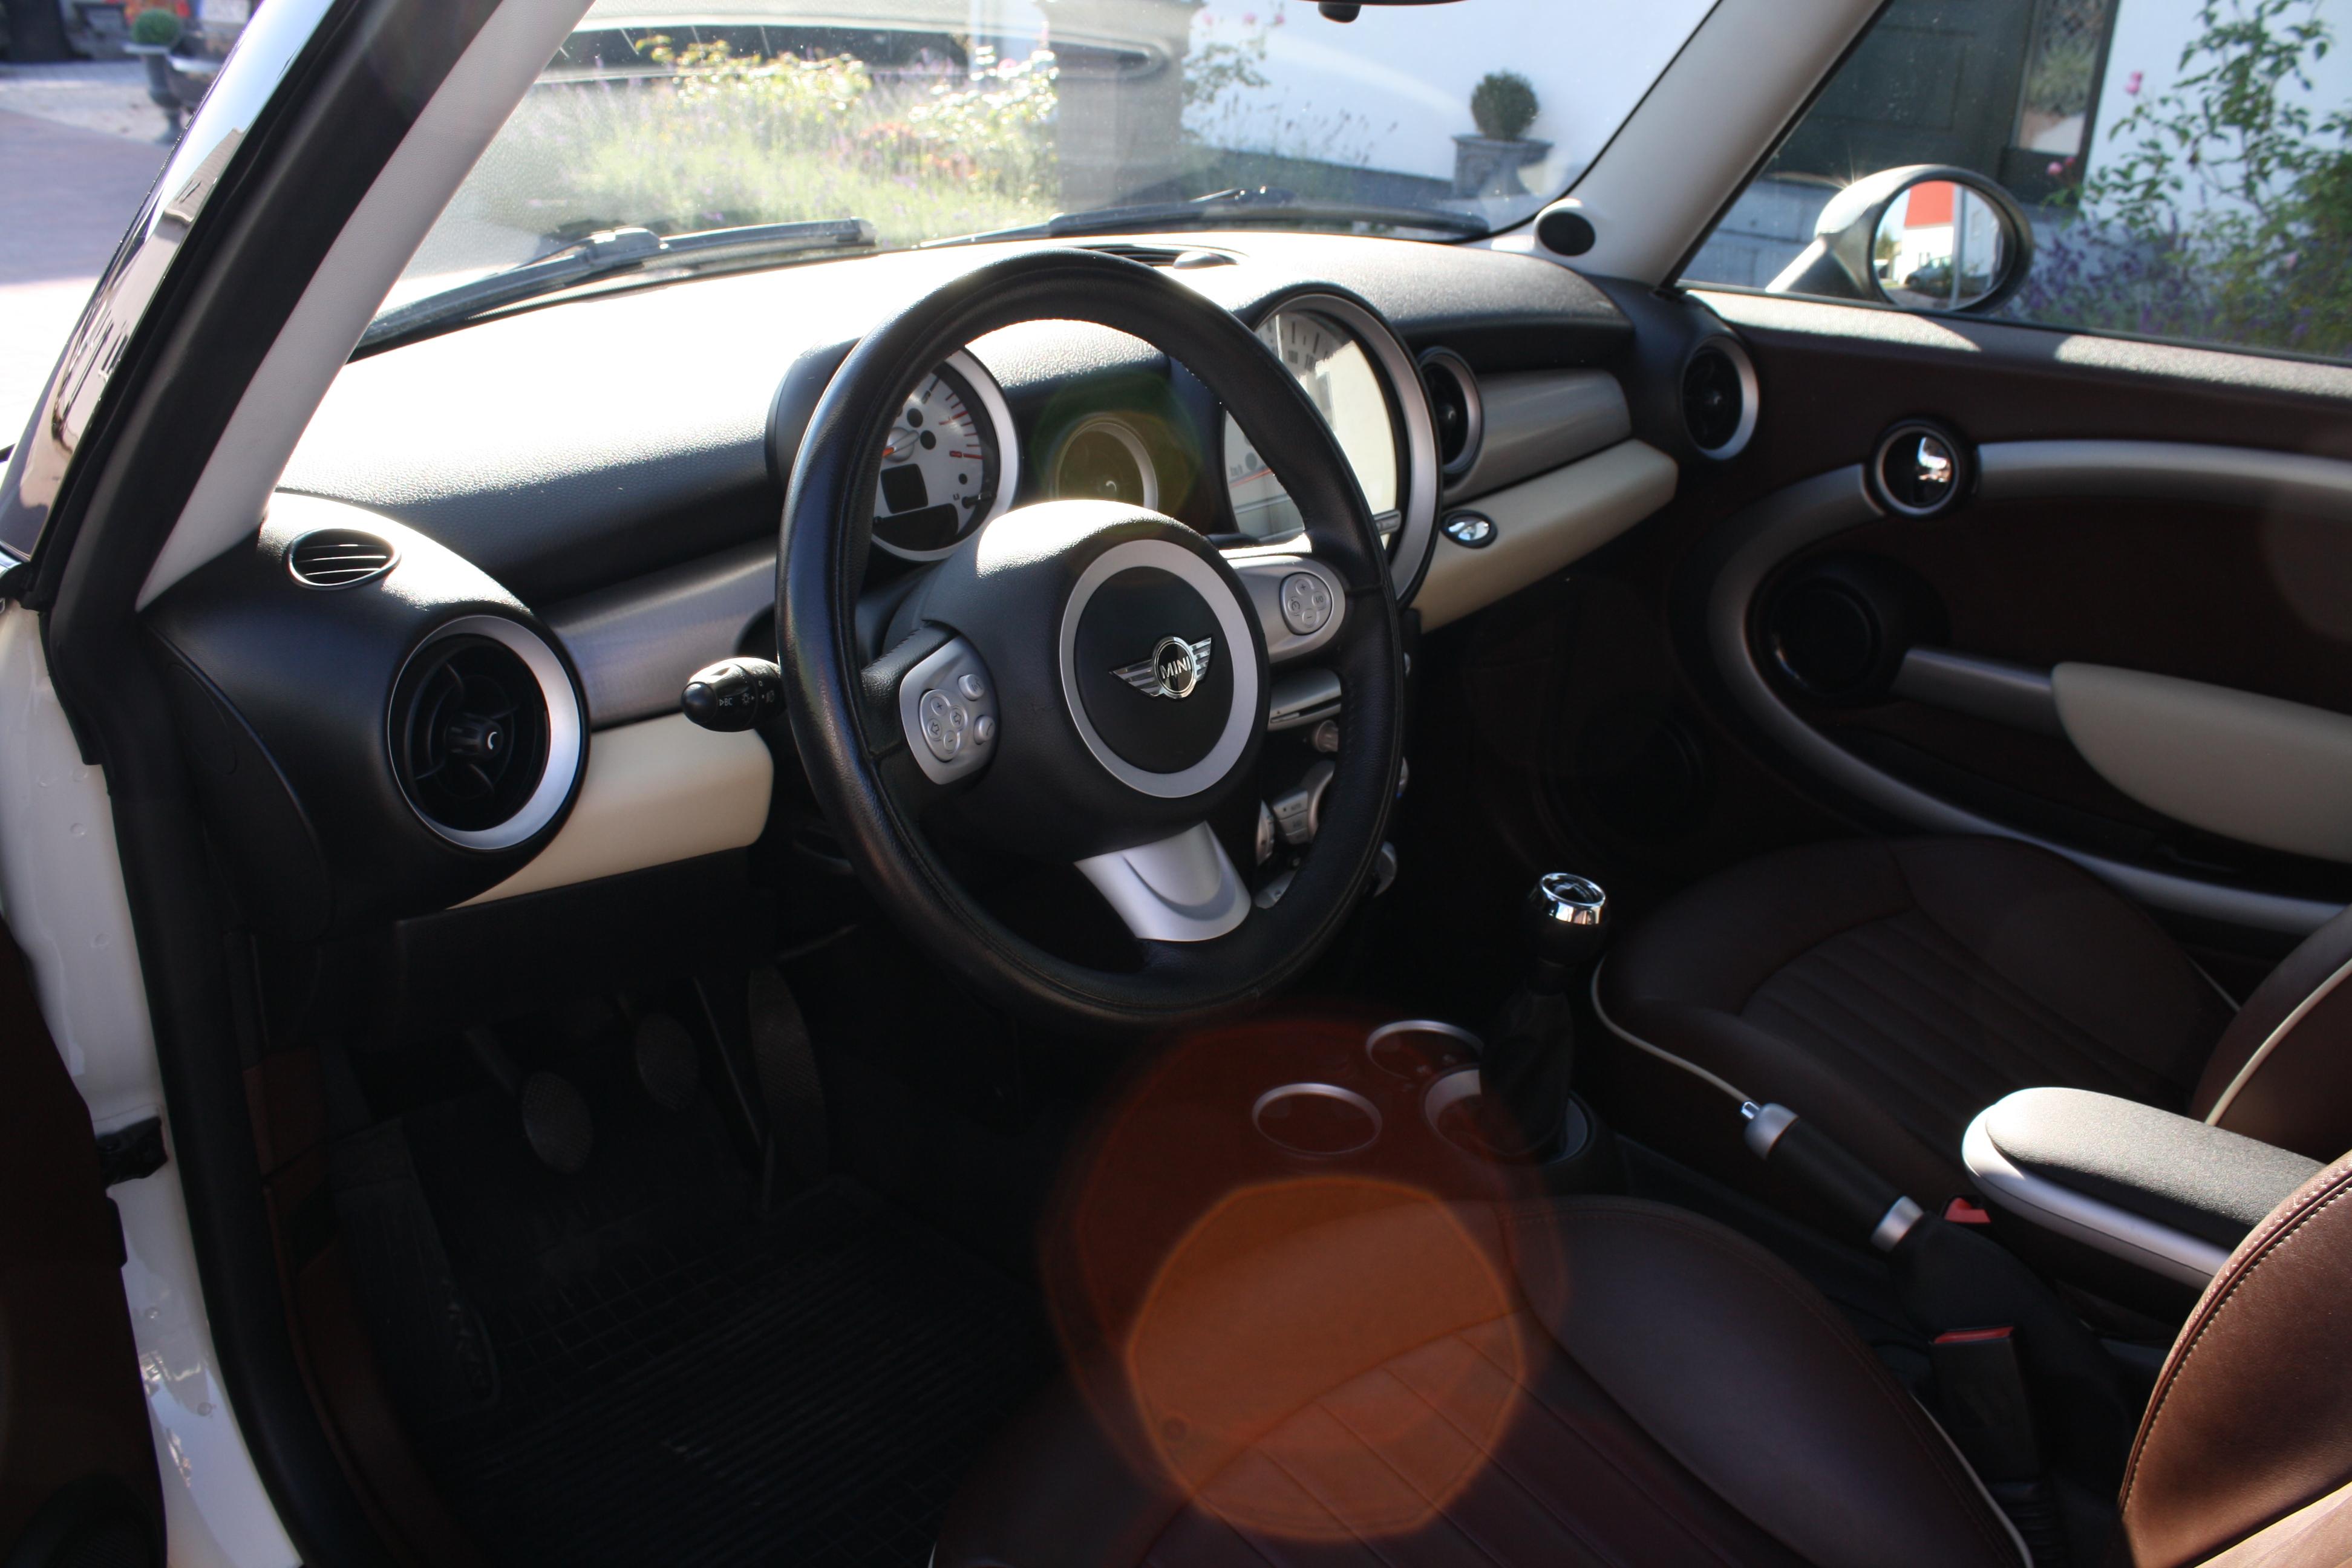 44 Tage Mini Ein Erster Erfahrungsbericht Der Saab Und Mg Rover Blog